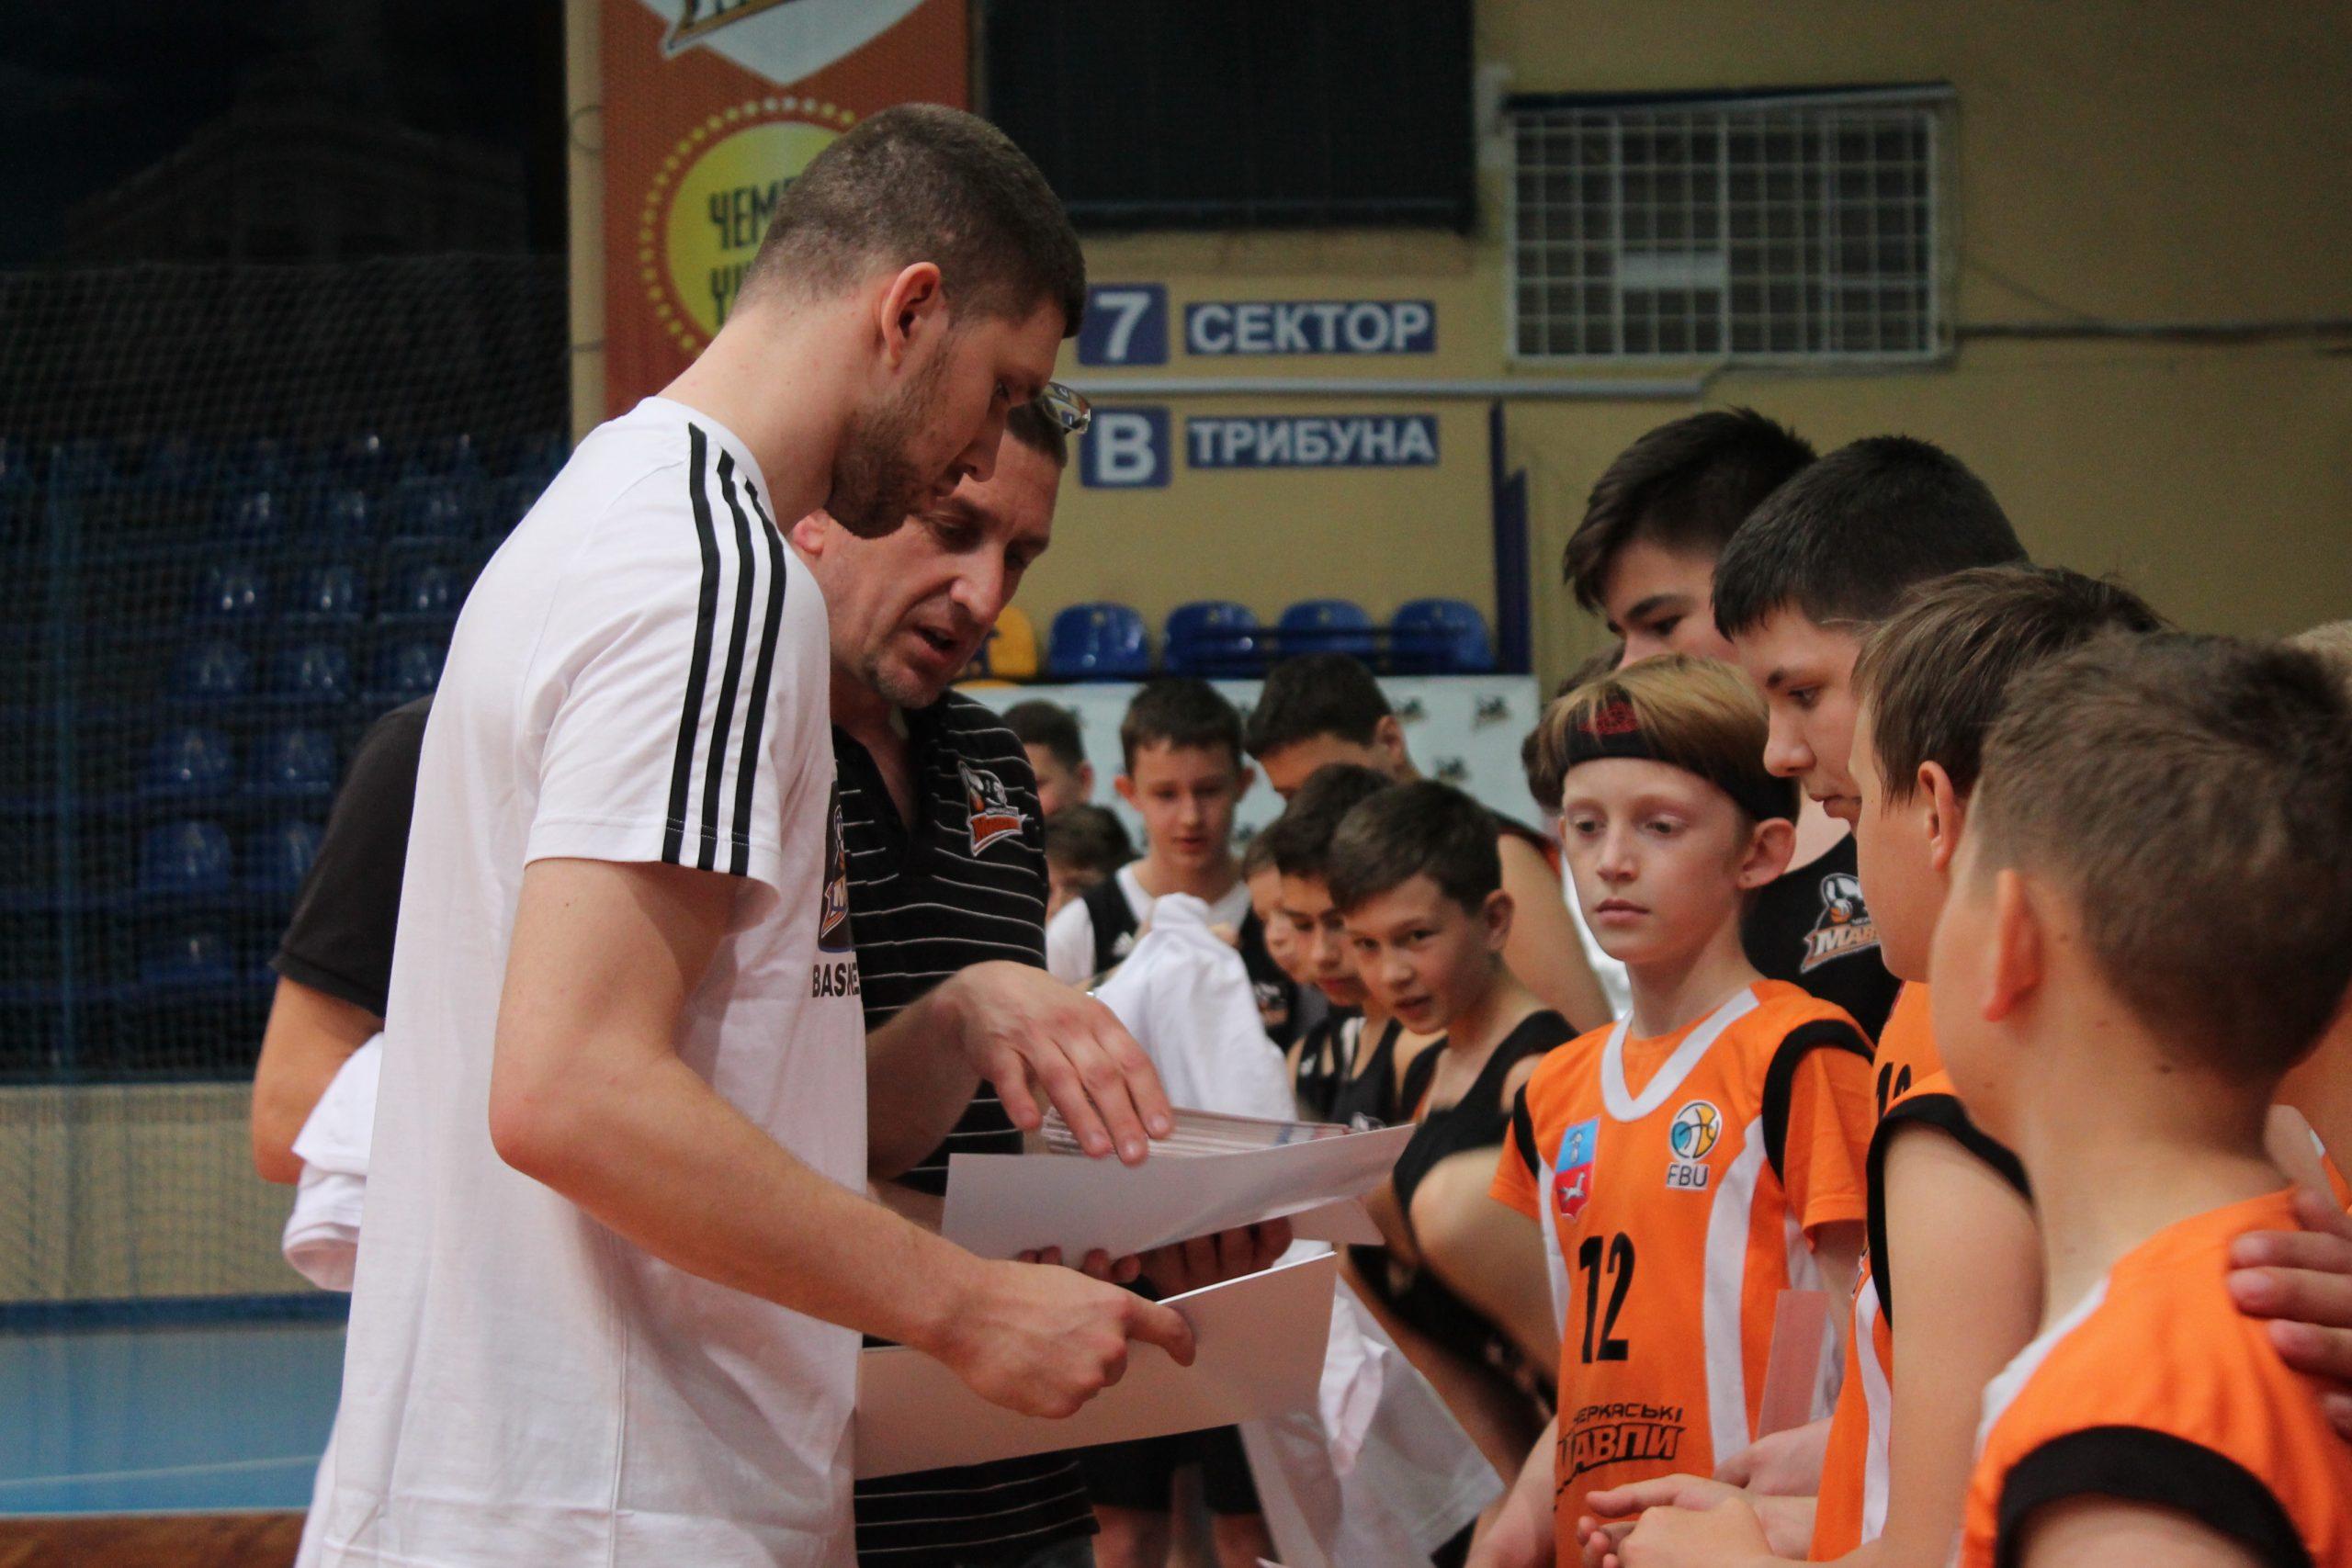 Баскетбольний мінікемп від Святослава Михайлюка (ФОТОРЕПОРТАЖ)